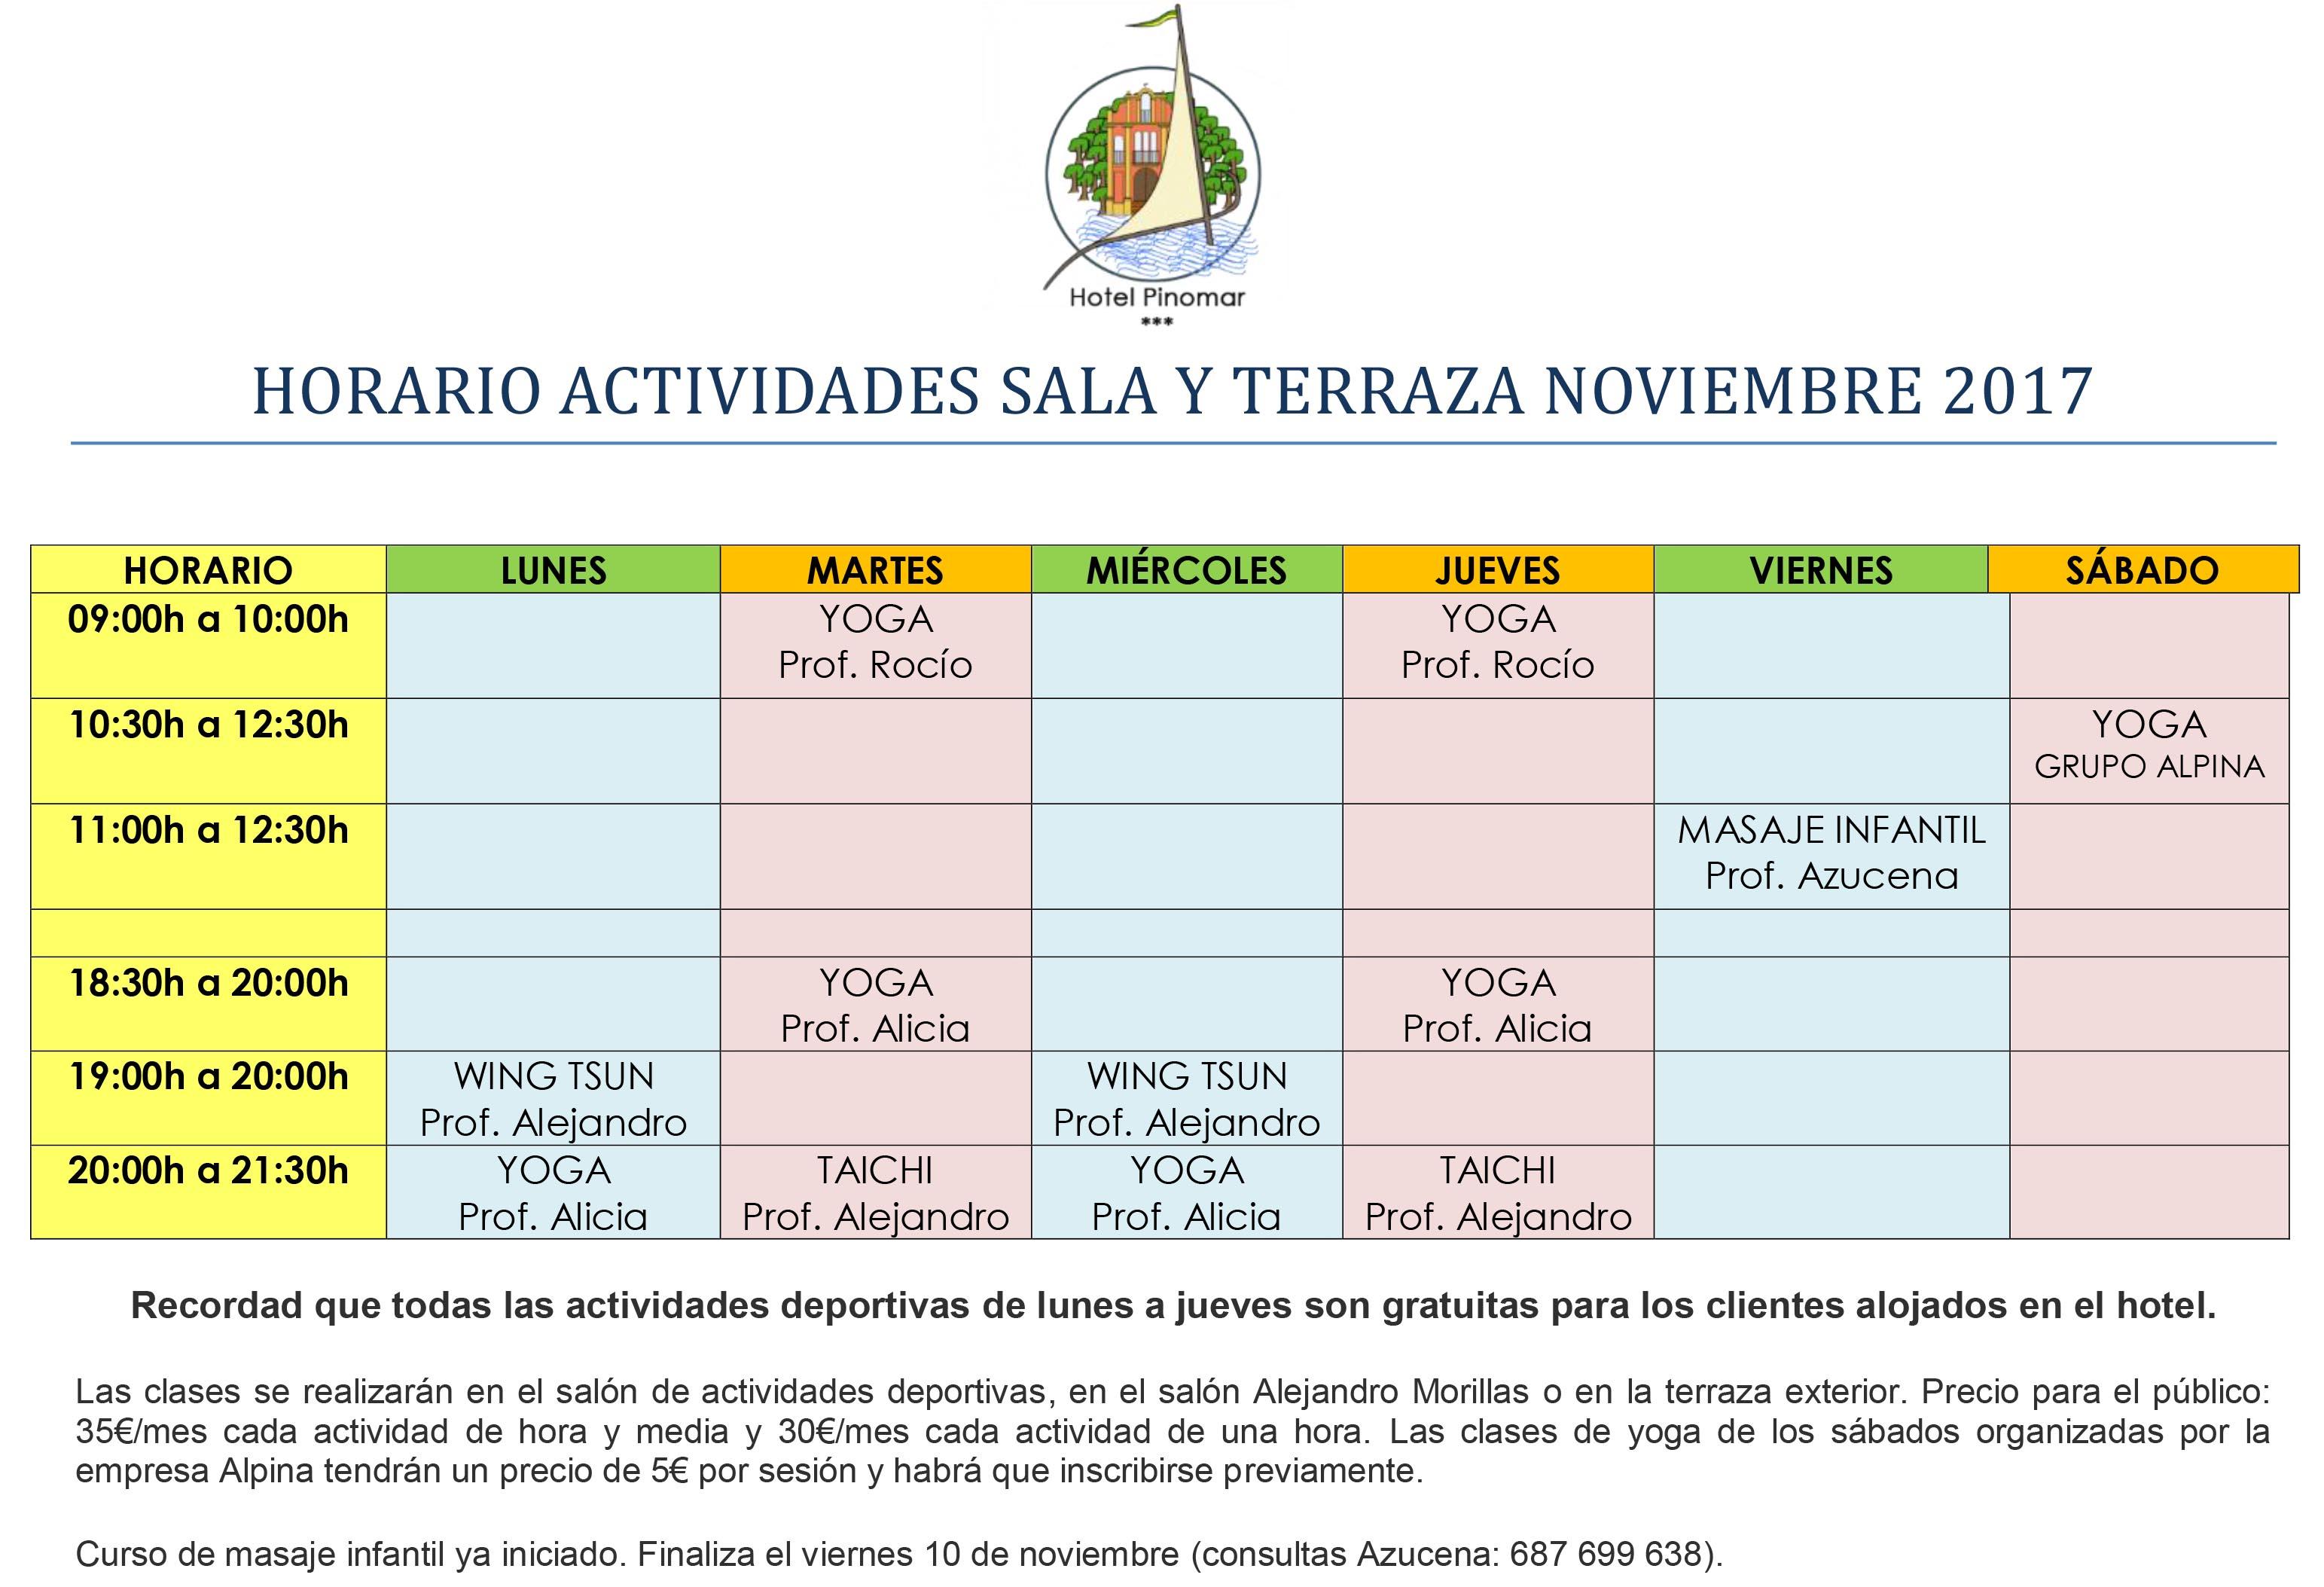 HORARIO ACTIVIDADES DIRIGIDAS NOVIEMBRE 2017